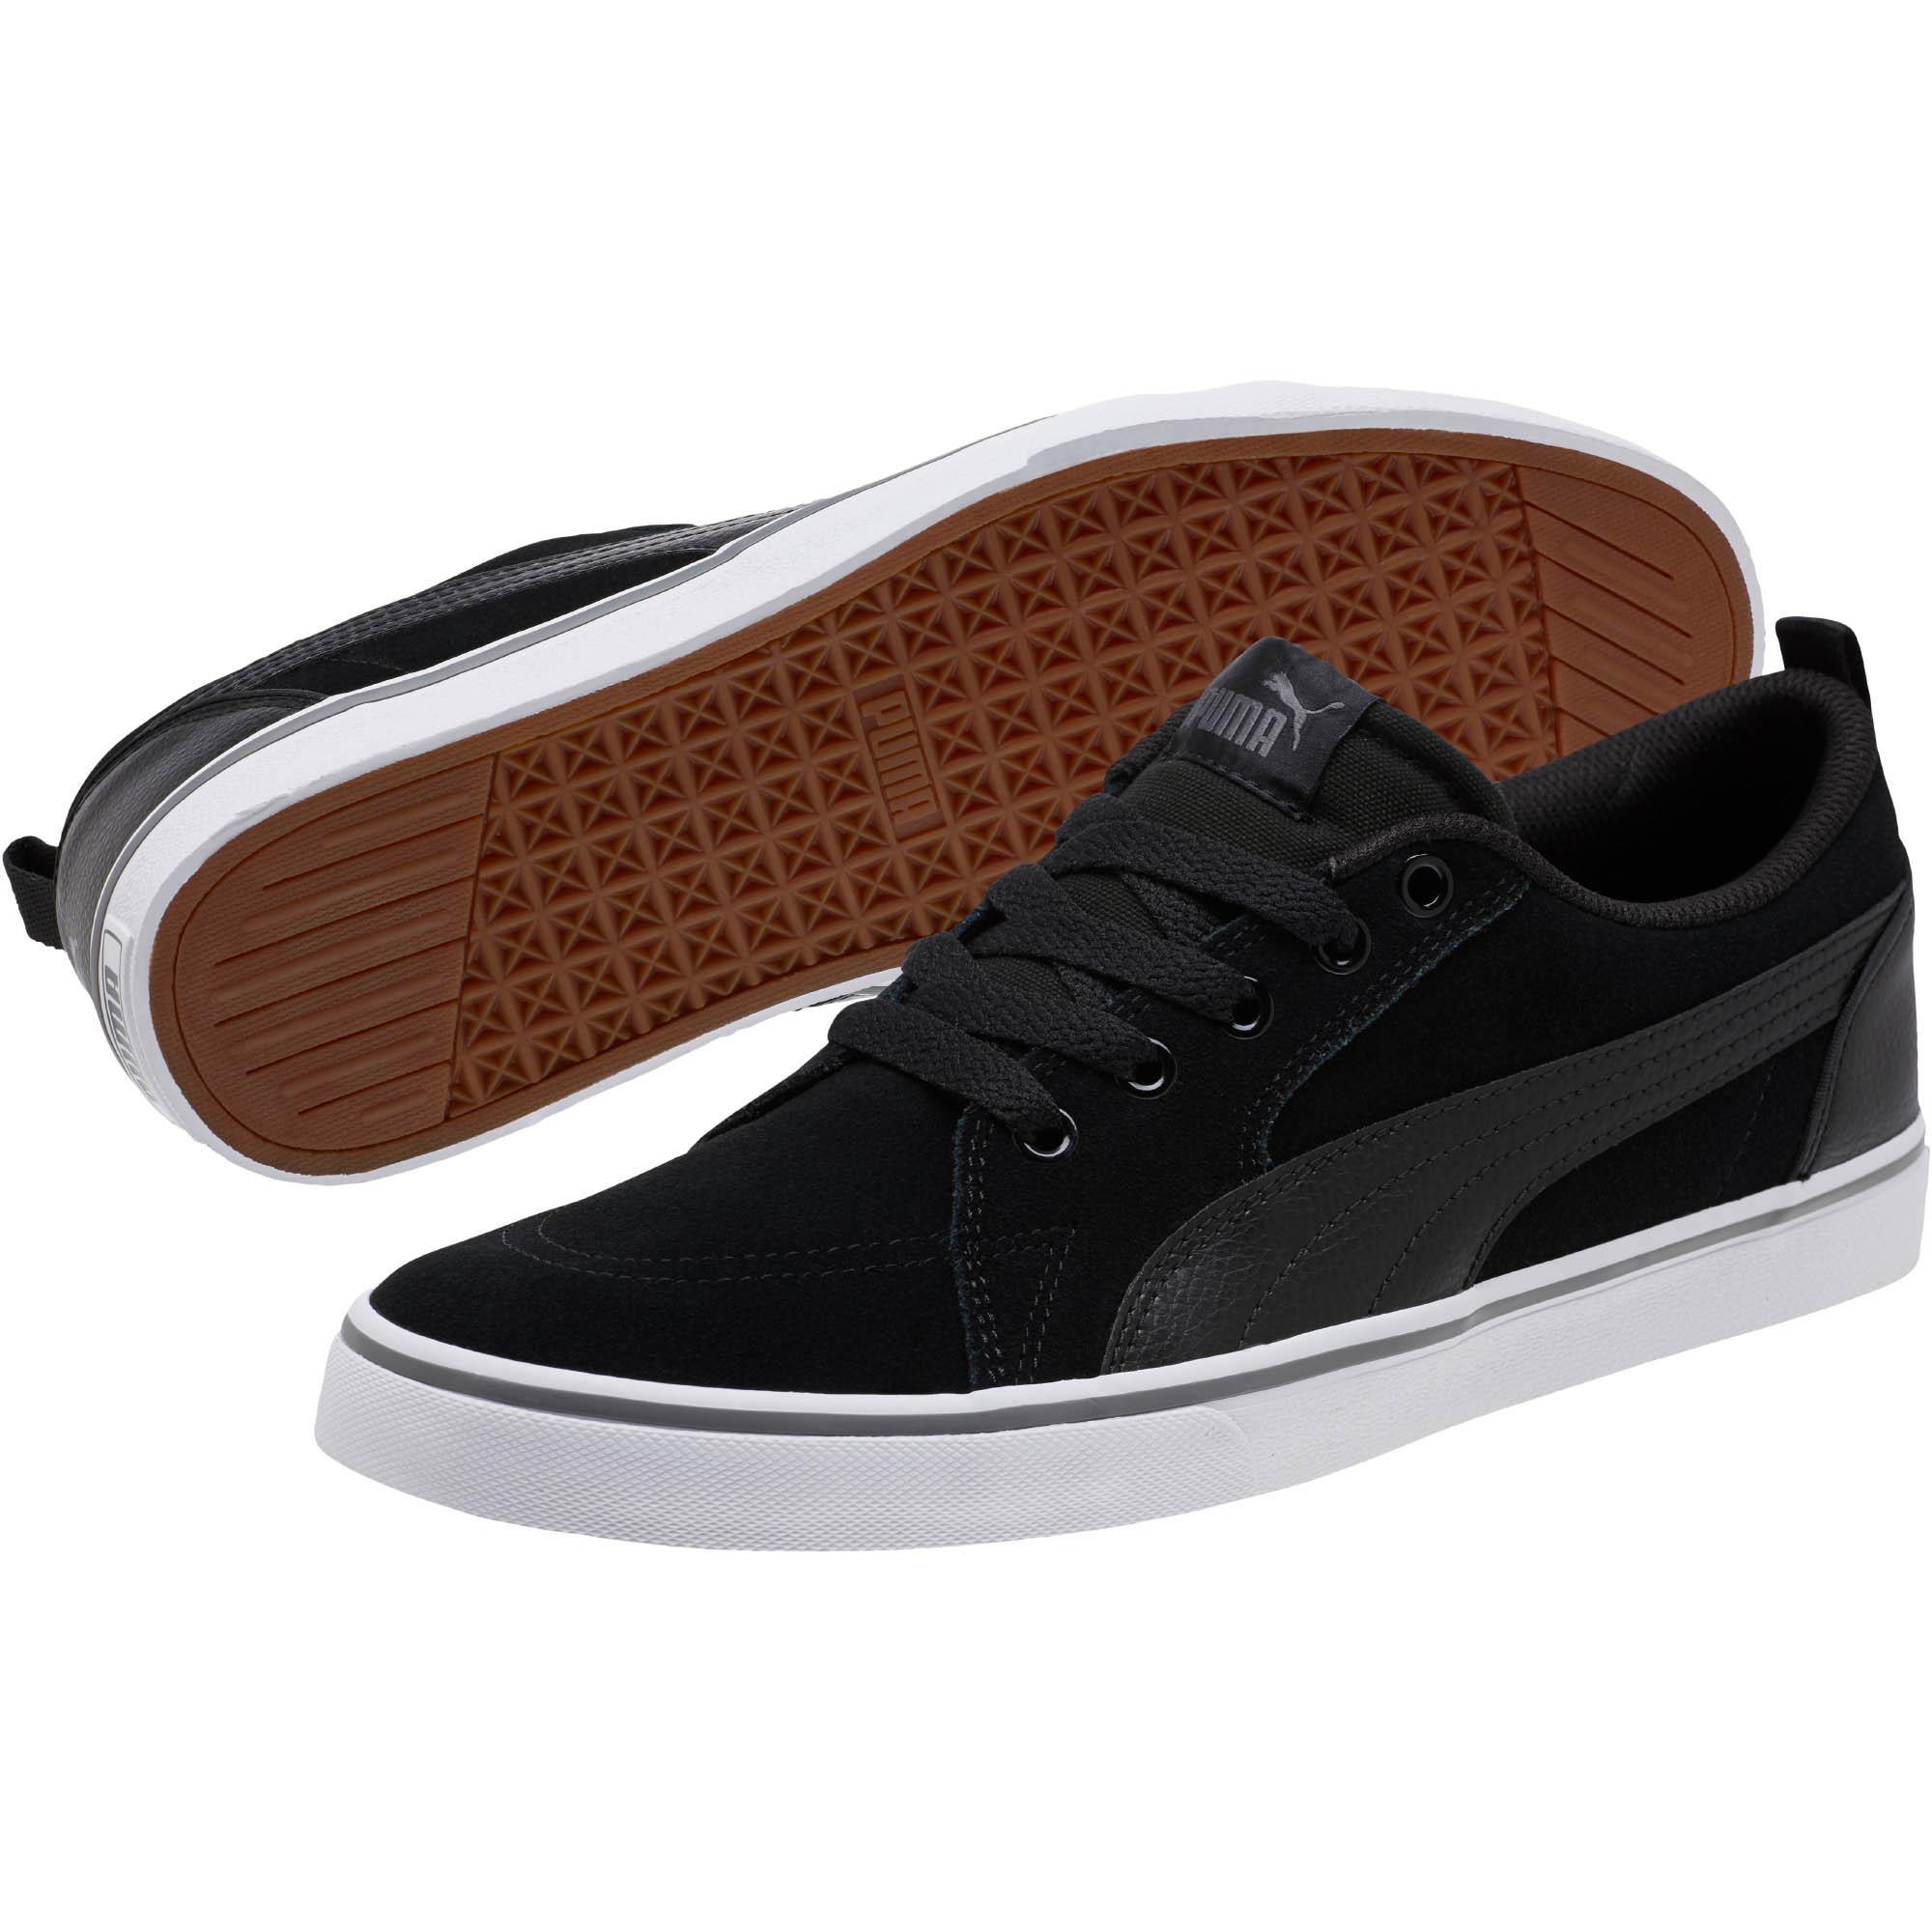 1b831544f1cf PUMA - Black Bridger Sd Men s Sneakers for Men - Lyst. View fullscreen